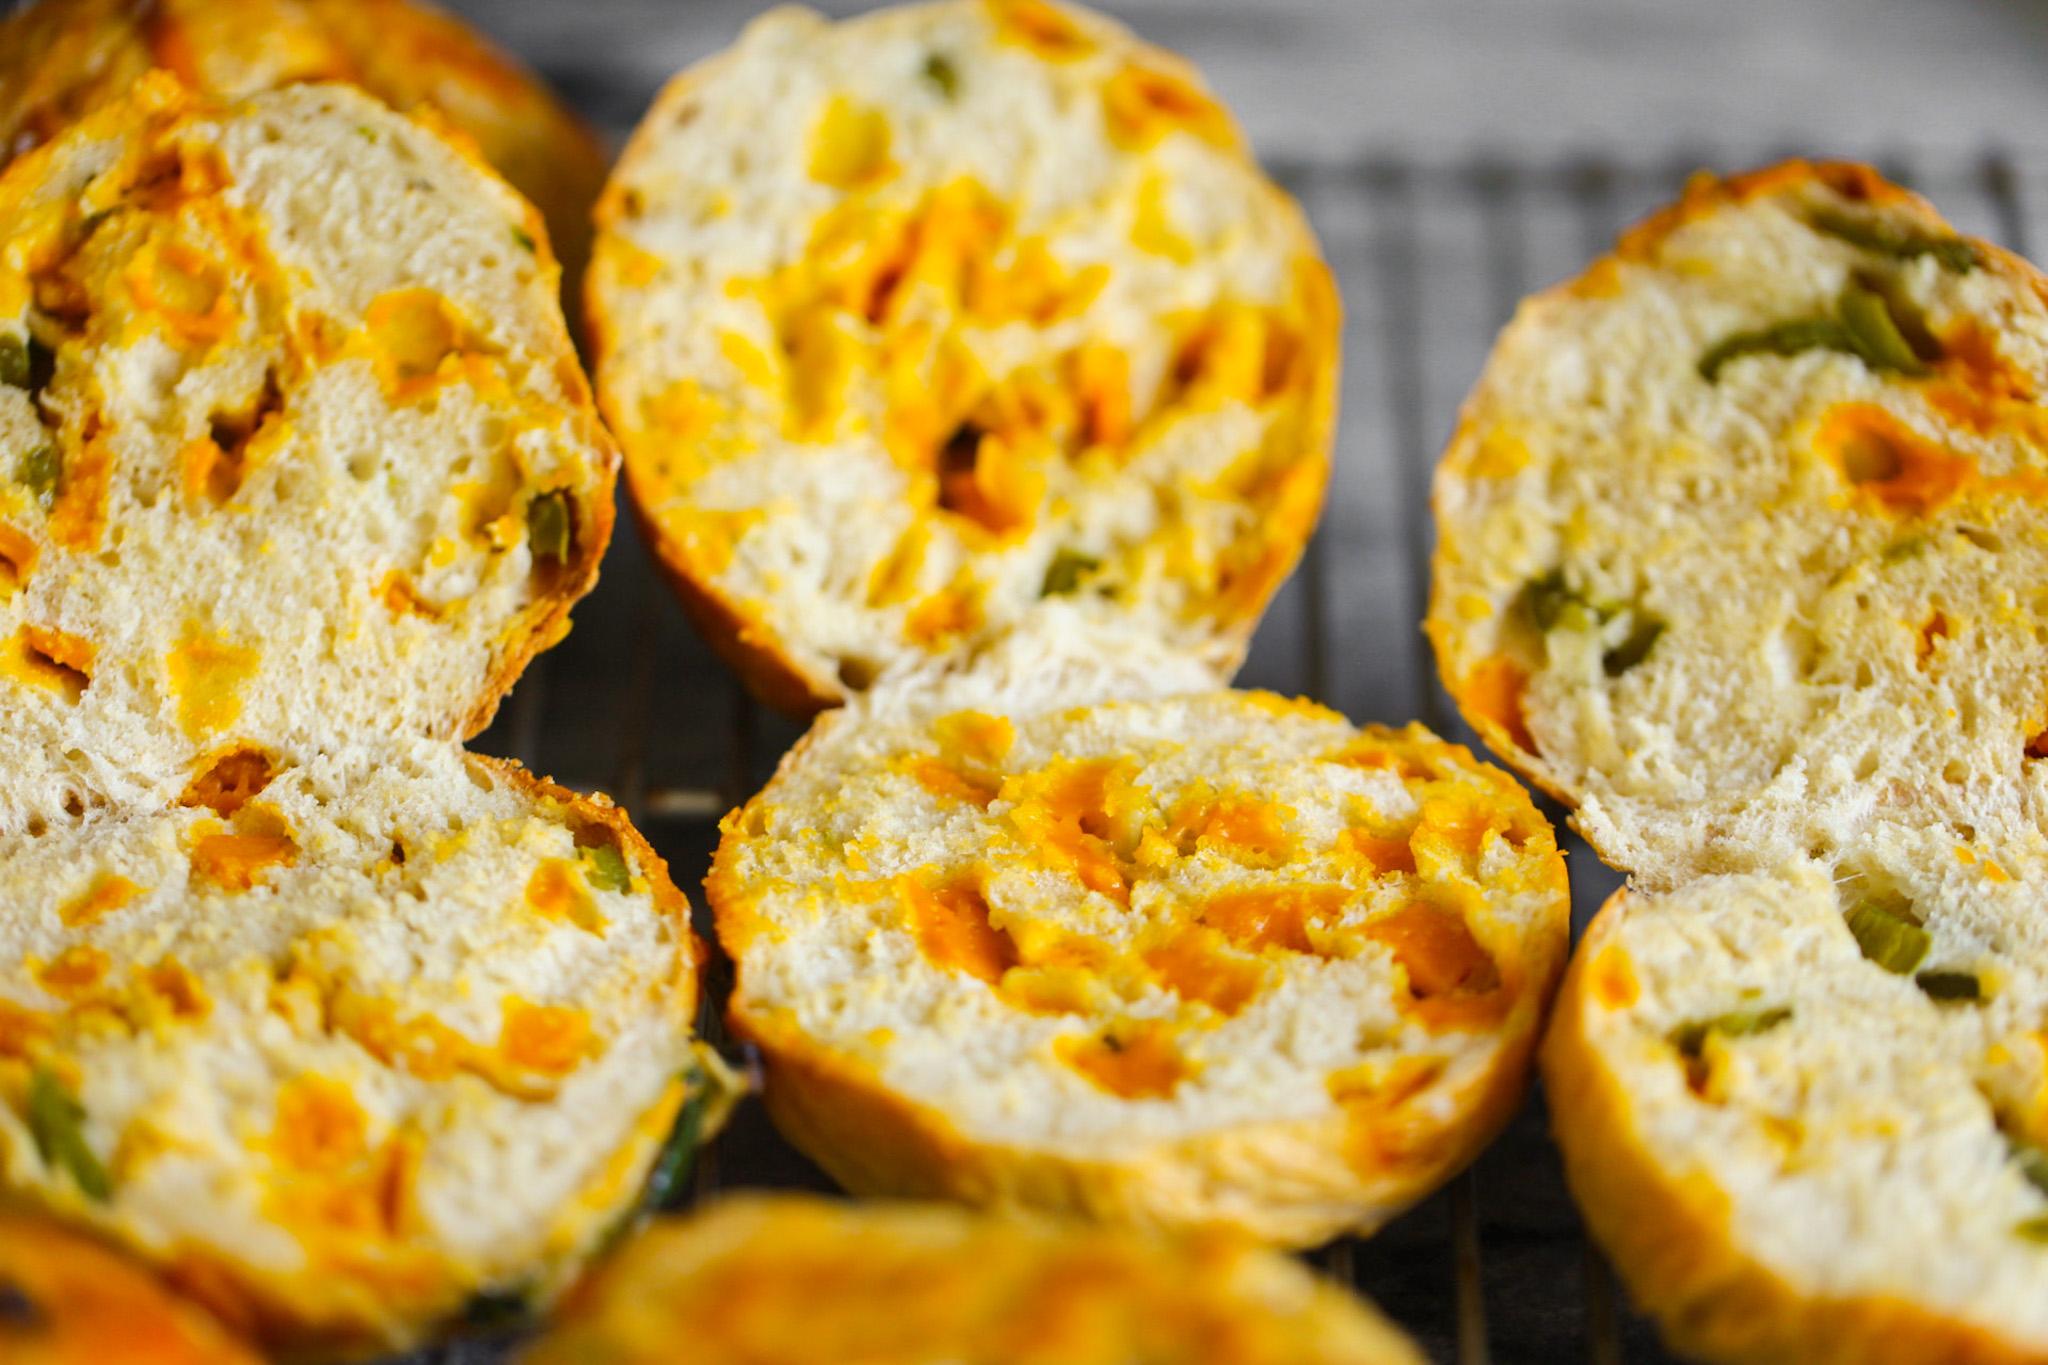 Jalapeño Cheddar Bagels sliced